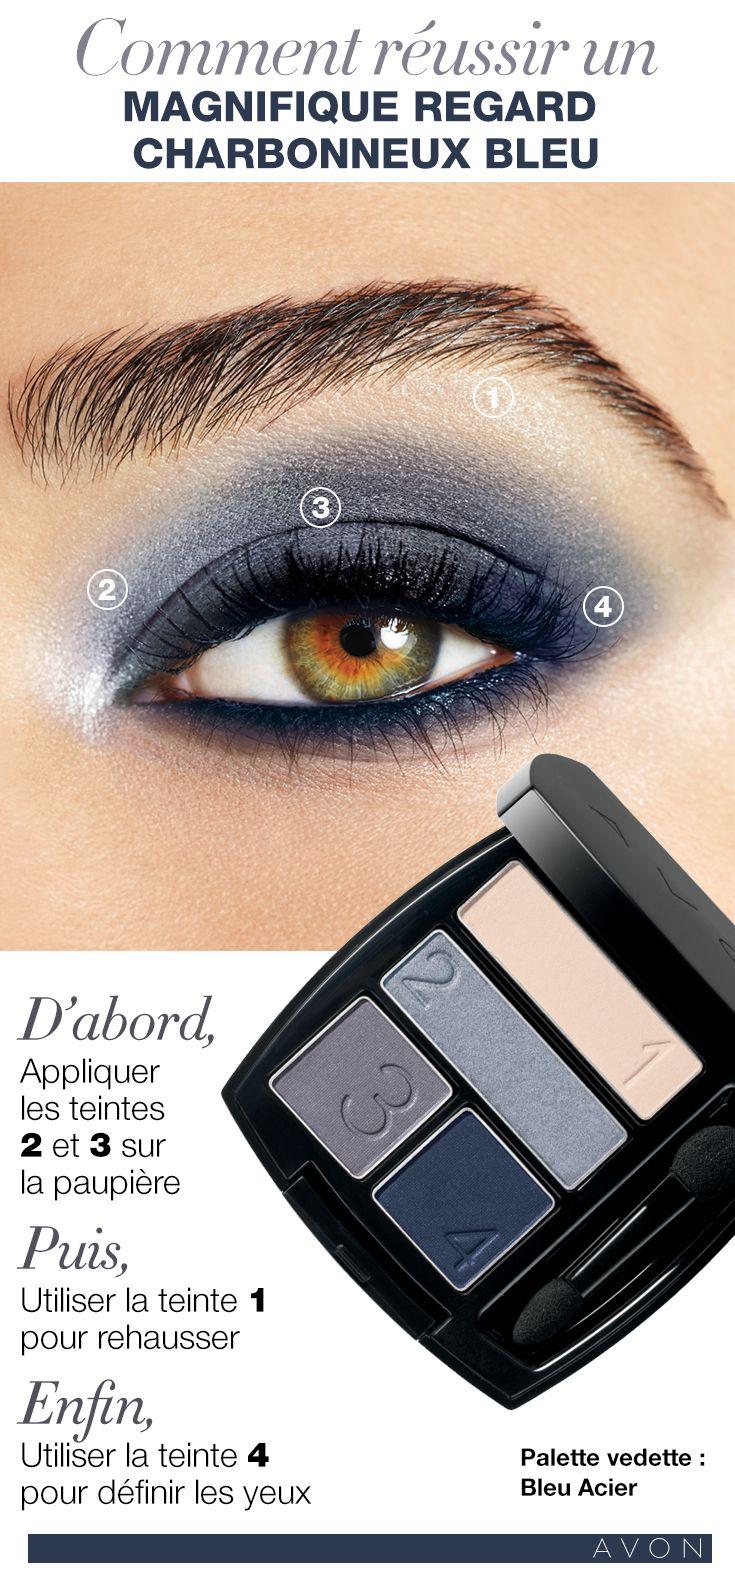 Comment réussier un magnifique regard charbonneux bleu #AvonCanada